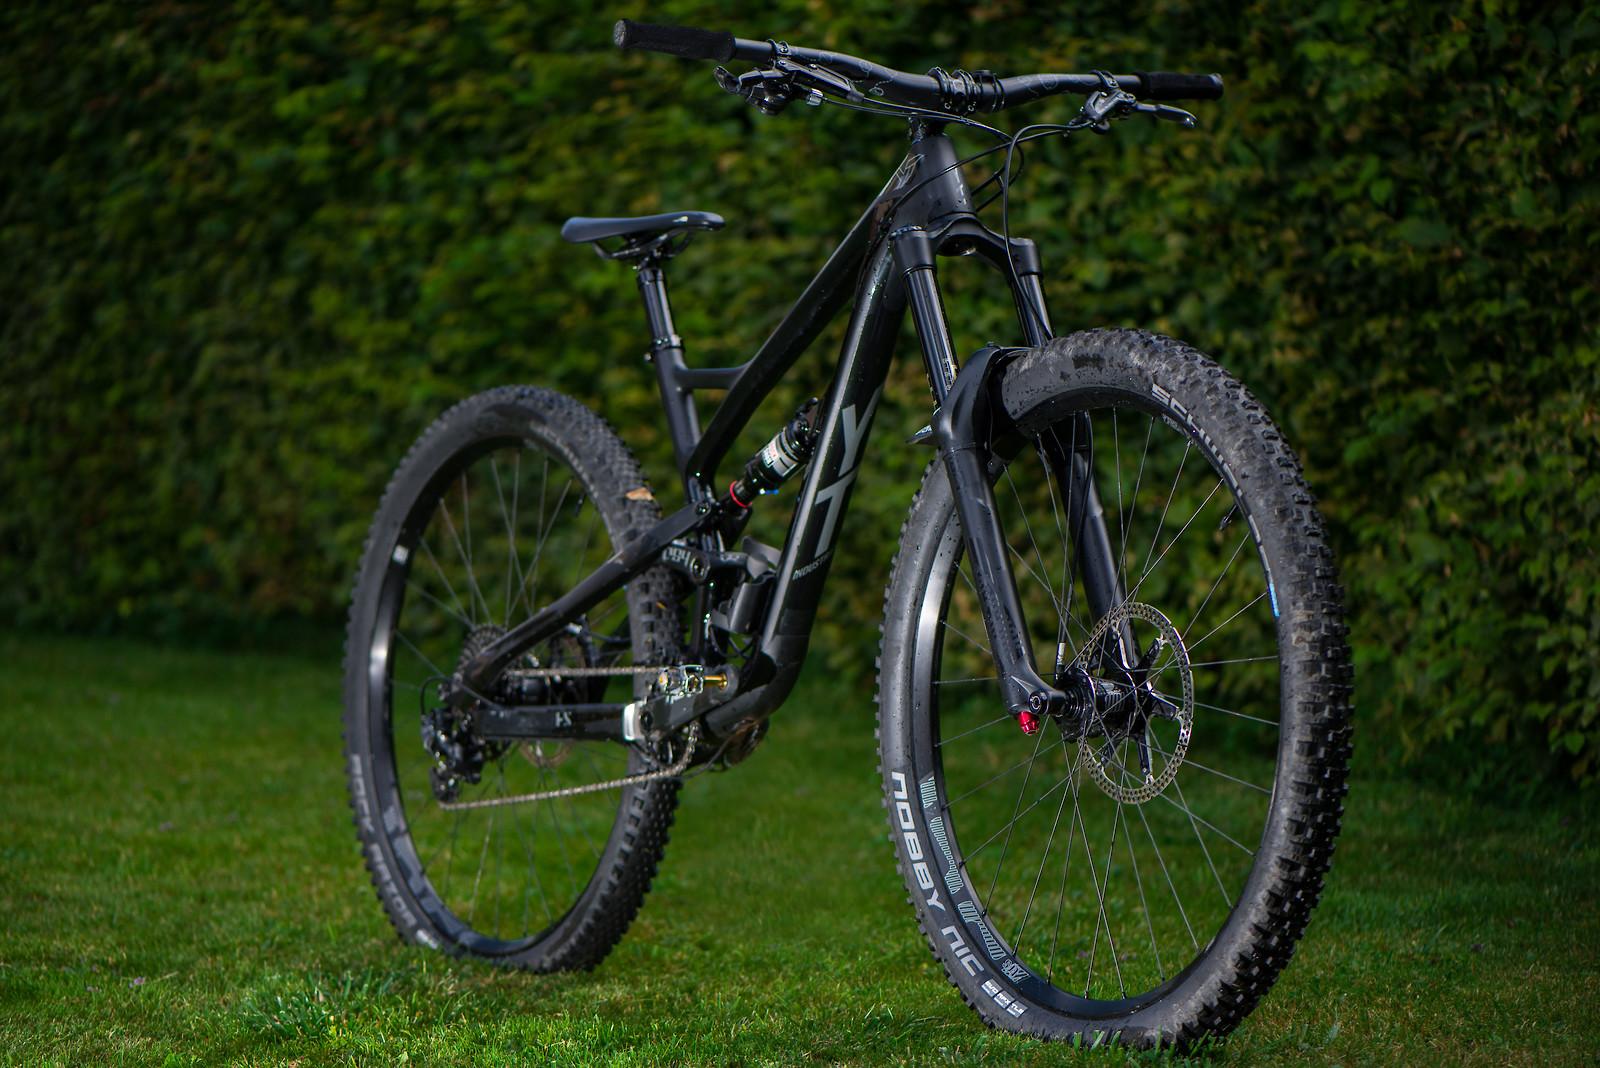 YT Jeffsy 29 CF custom